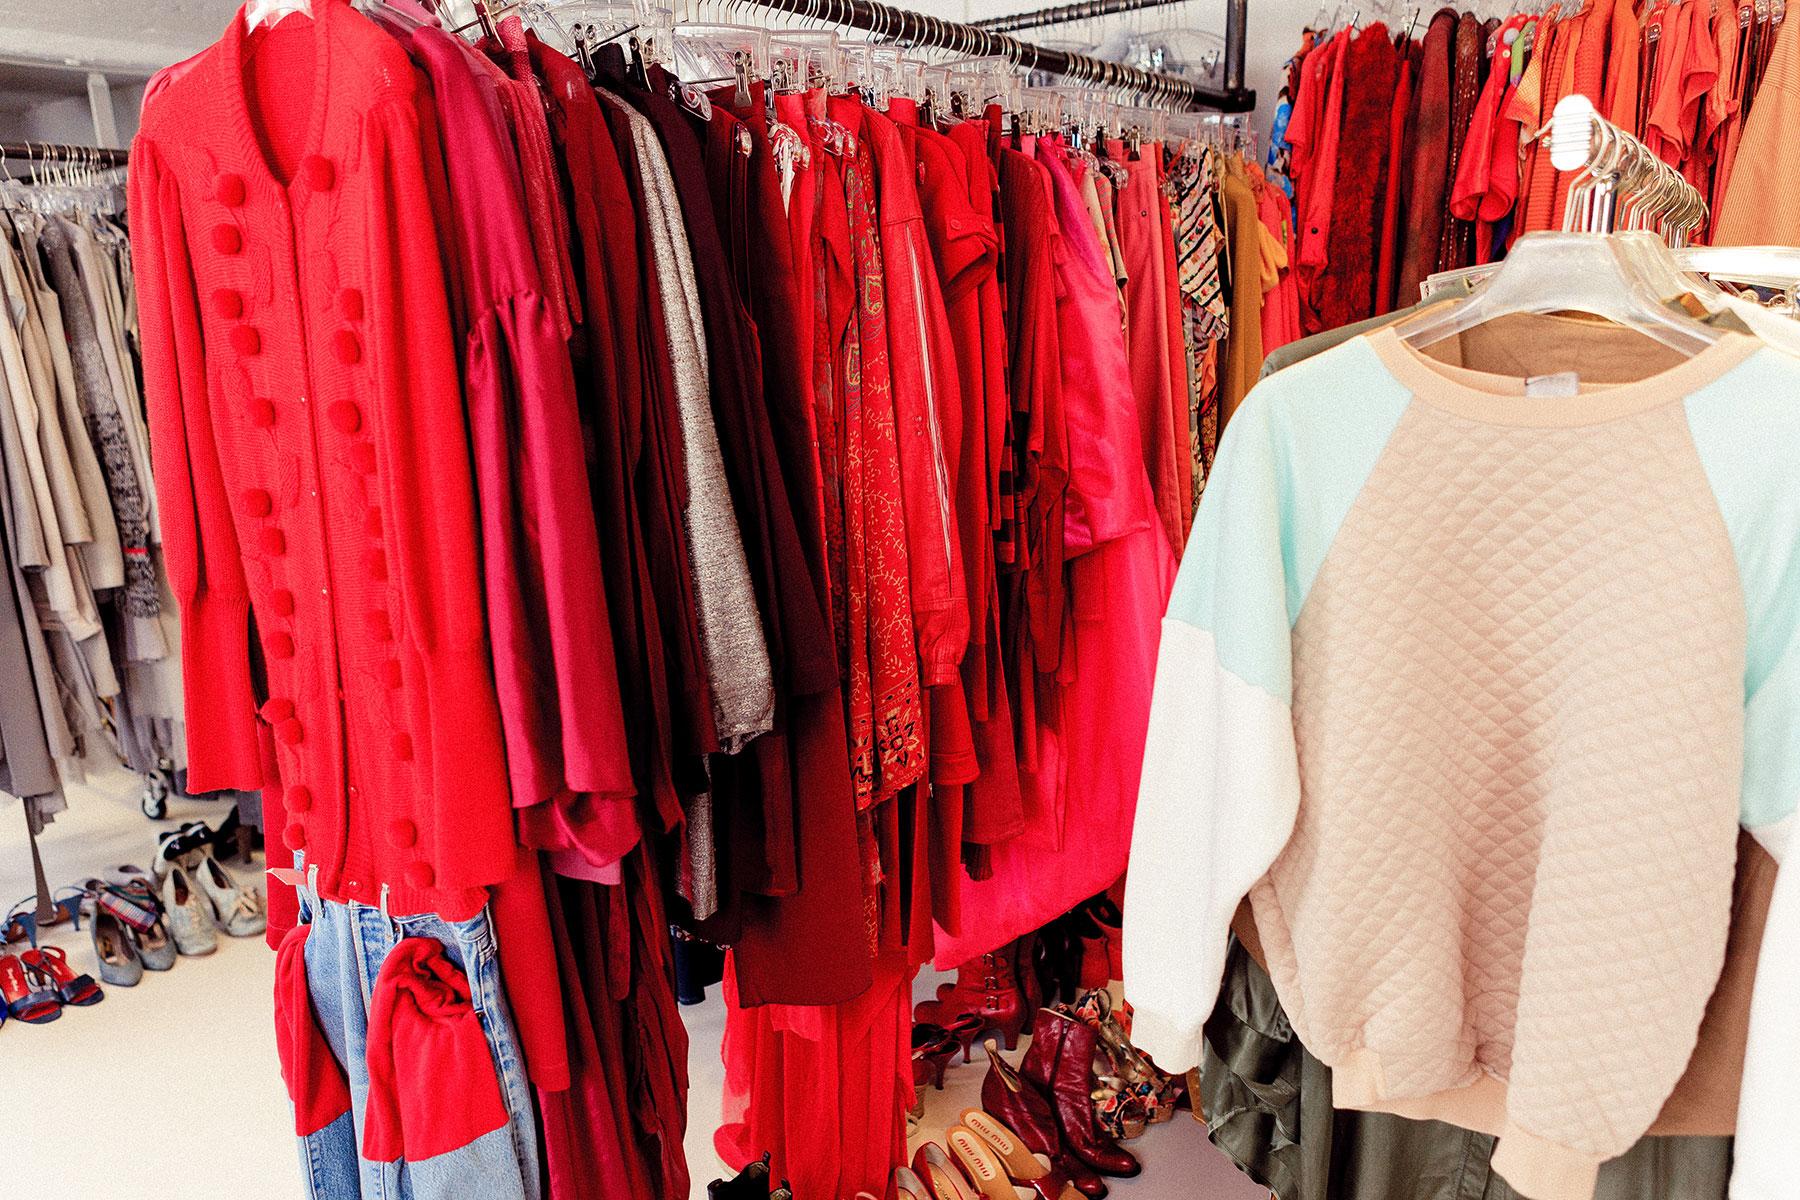 RAWfitting - Fashion-Fundus und Mode-Verleih für Stylisten und Fotografen für Werbe- und Modeproduktionen